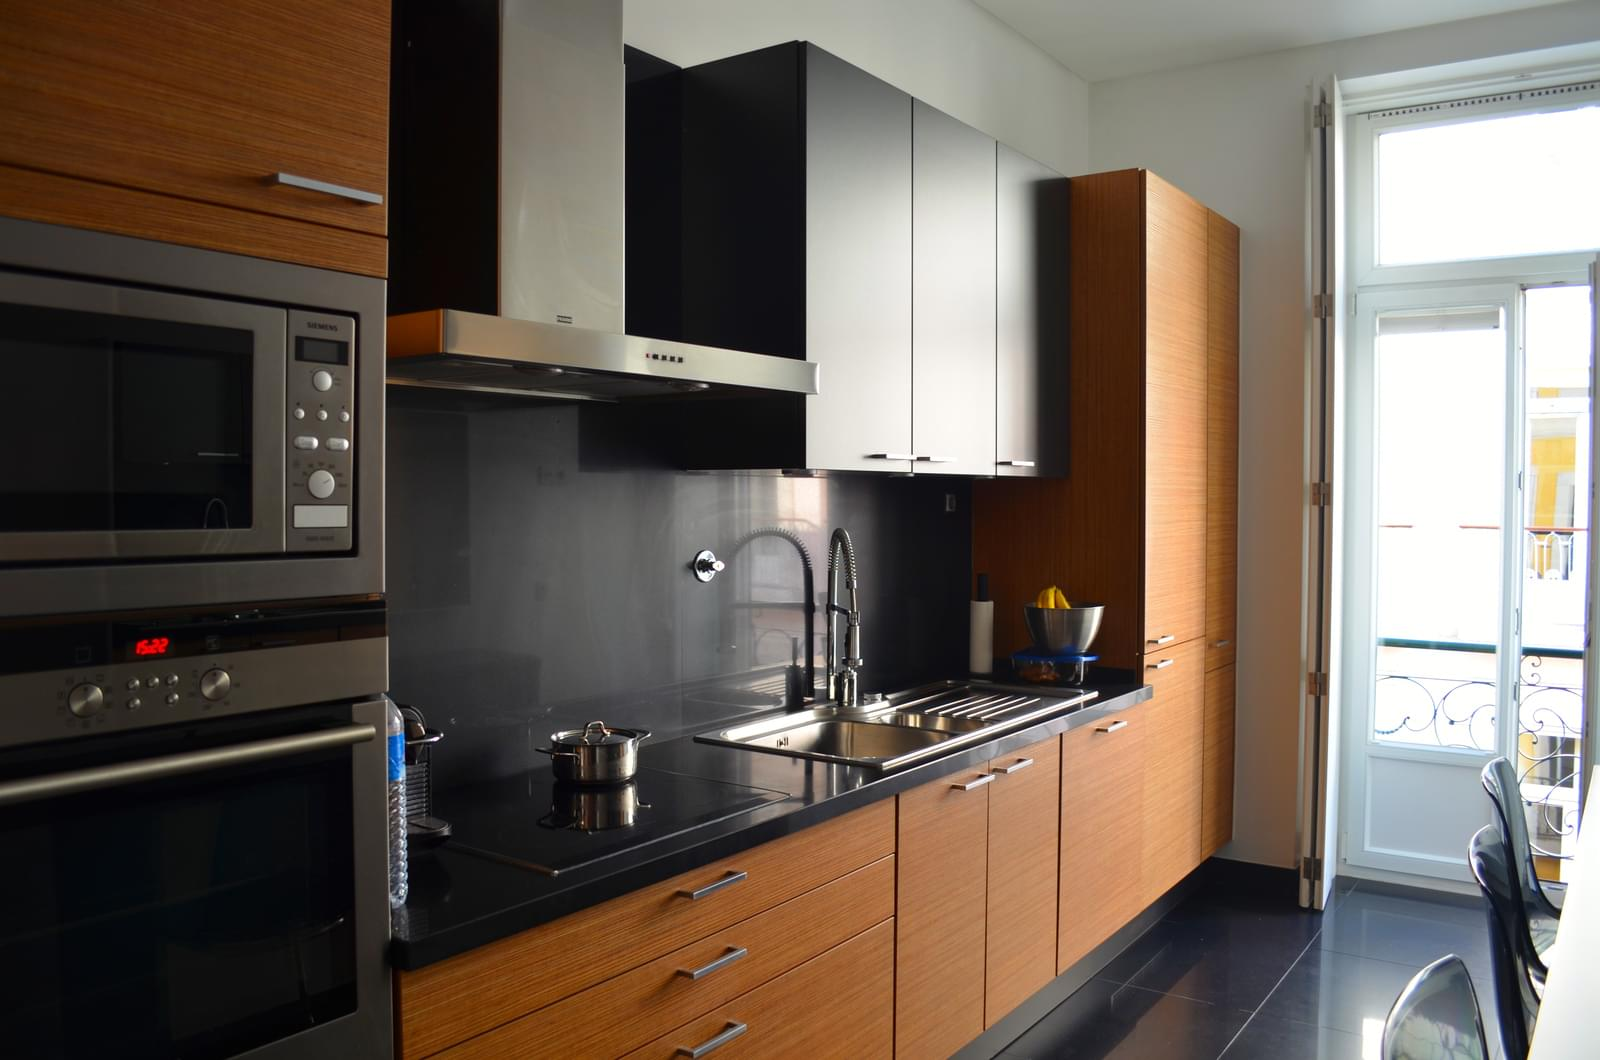 pf18712-apartamento-t2-lisboa-8933c65f-0730-43e0-b981-fac5497d5742